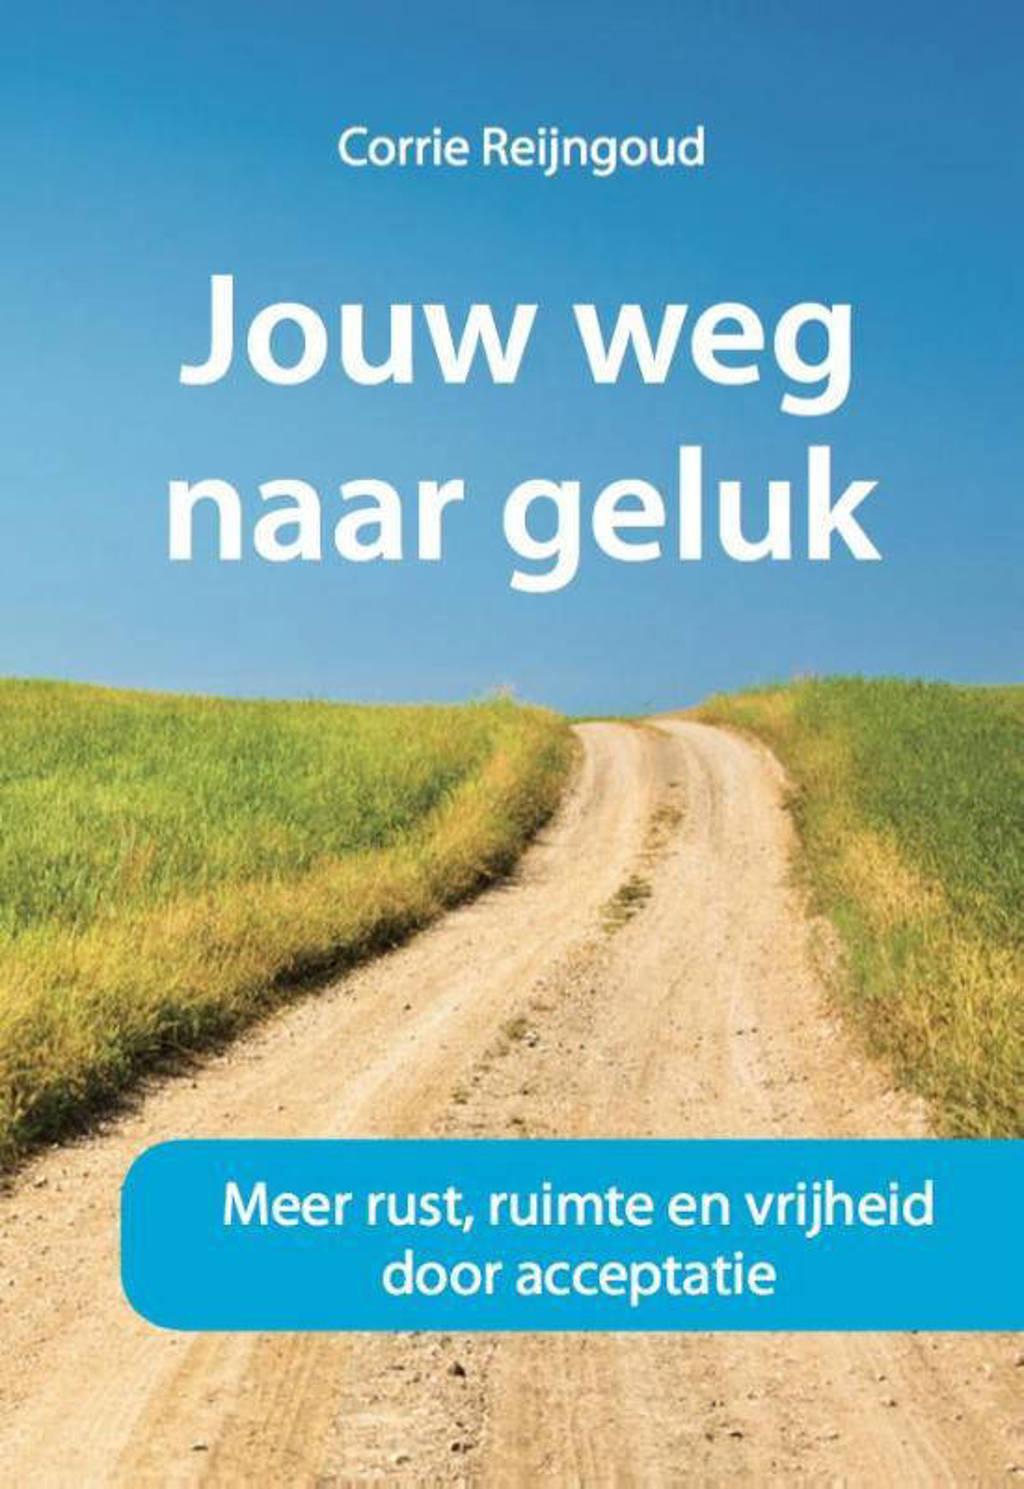 Jouw weg naar geluk - Corrie Reijngoud